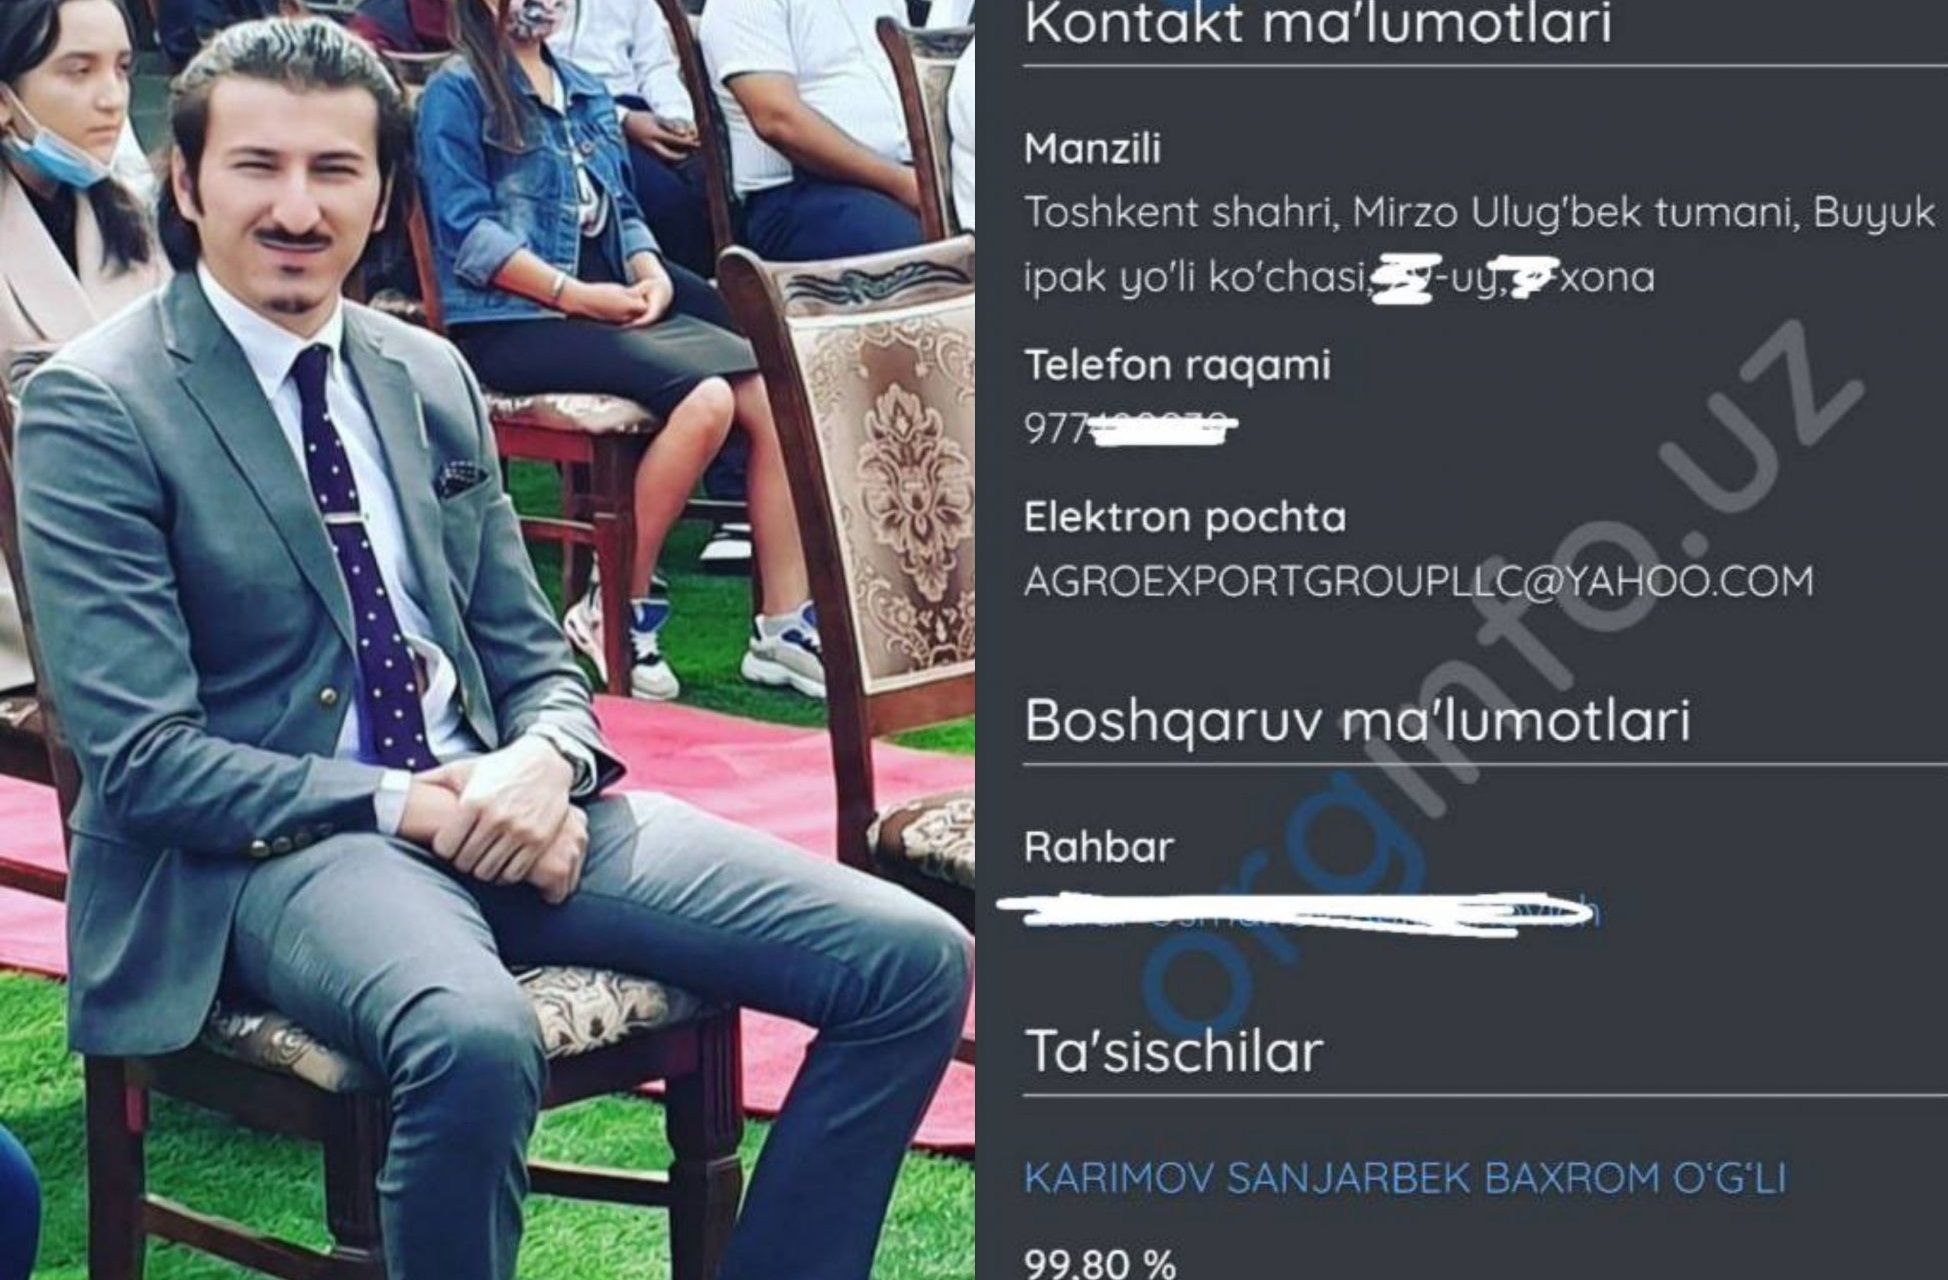 Узбекистанец сделал предложение своей девушке и подарил ей Bentley — видео